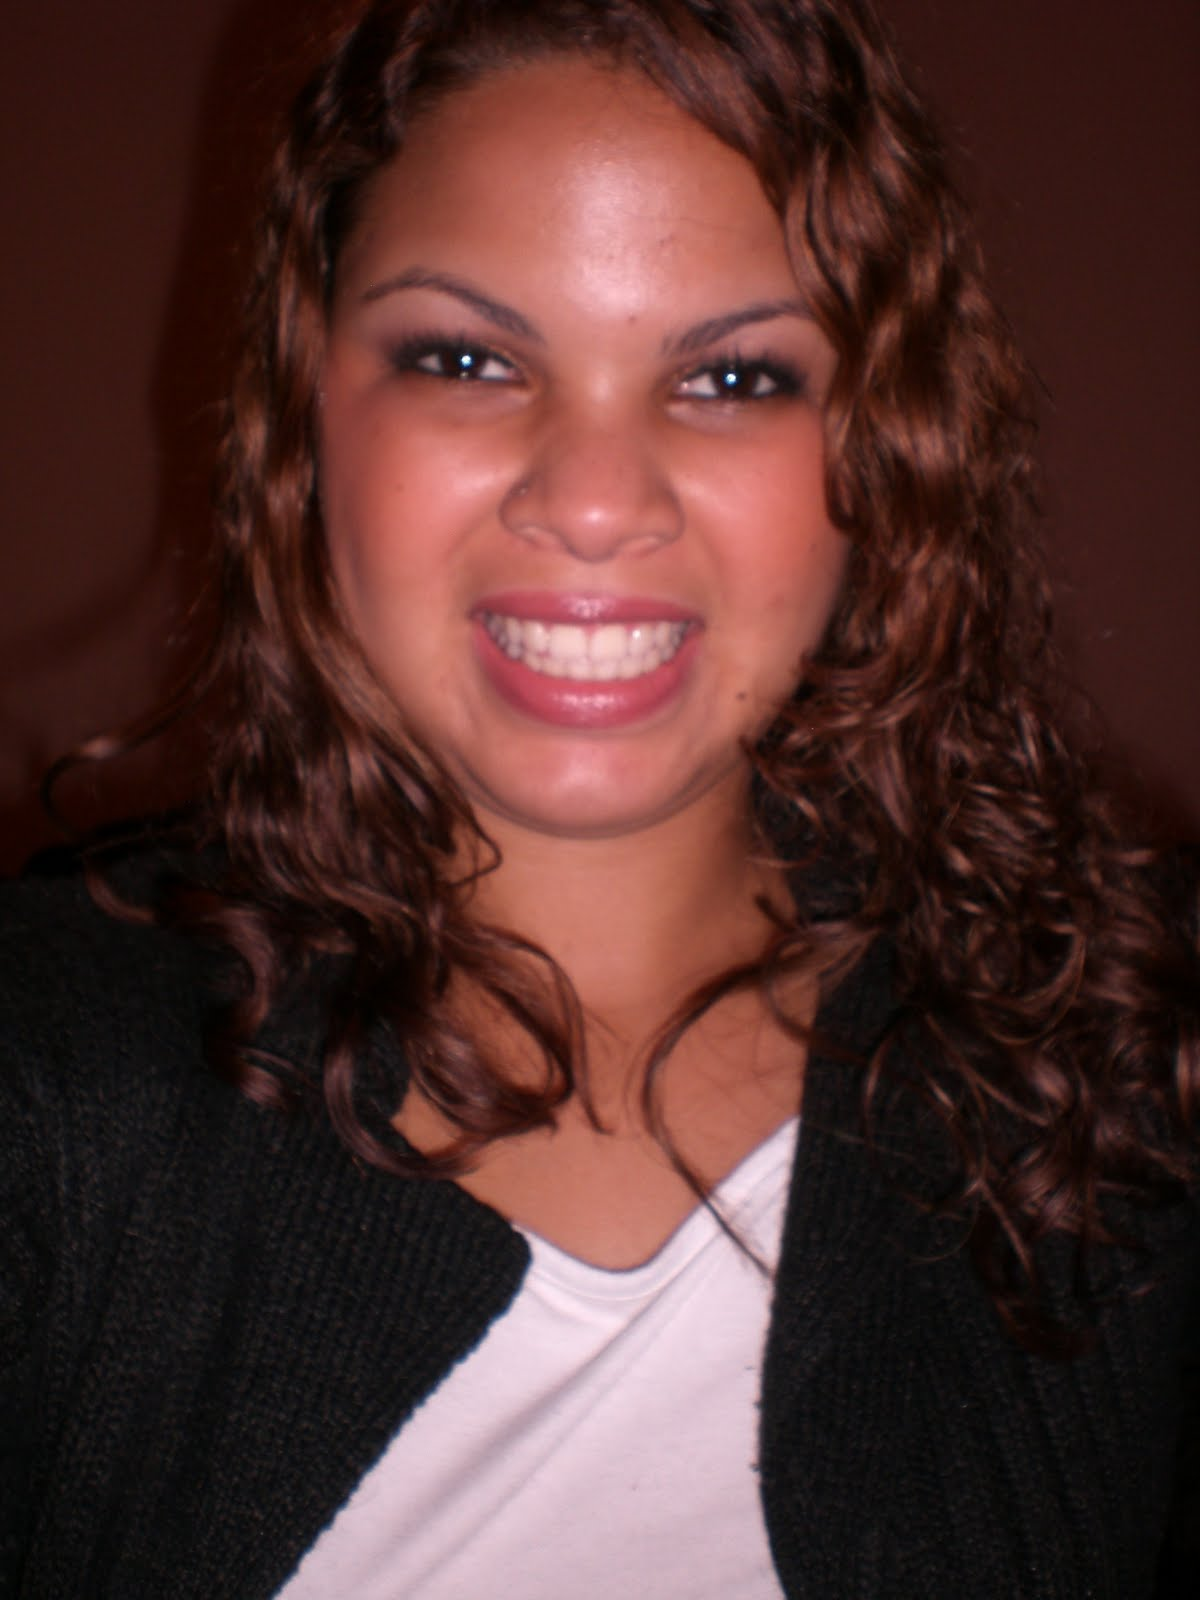 Jackie Siqueira MakeupArquivos Diversos ⋆ Página 33 de 42 ⋆ Jackie ... a3ae8398d6